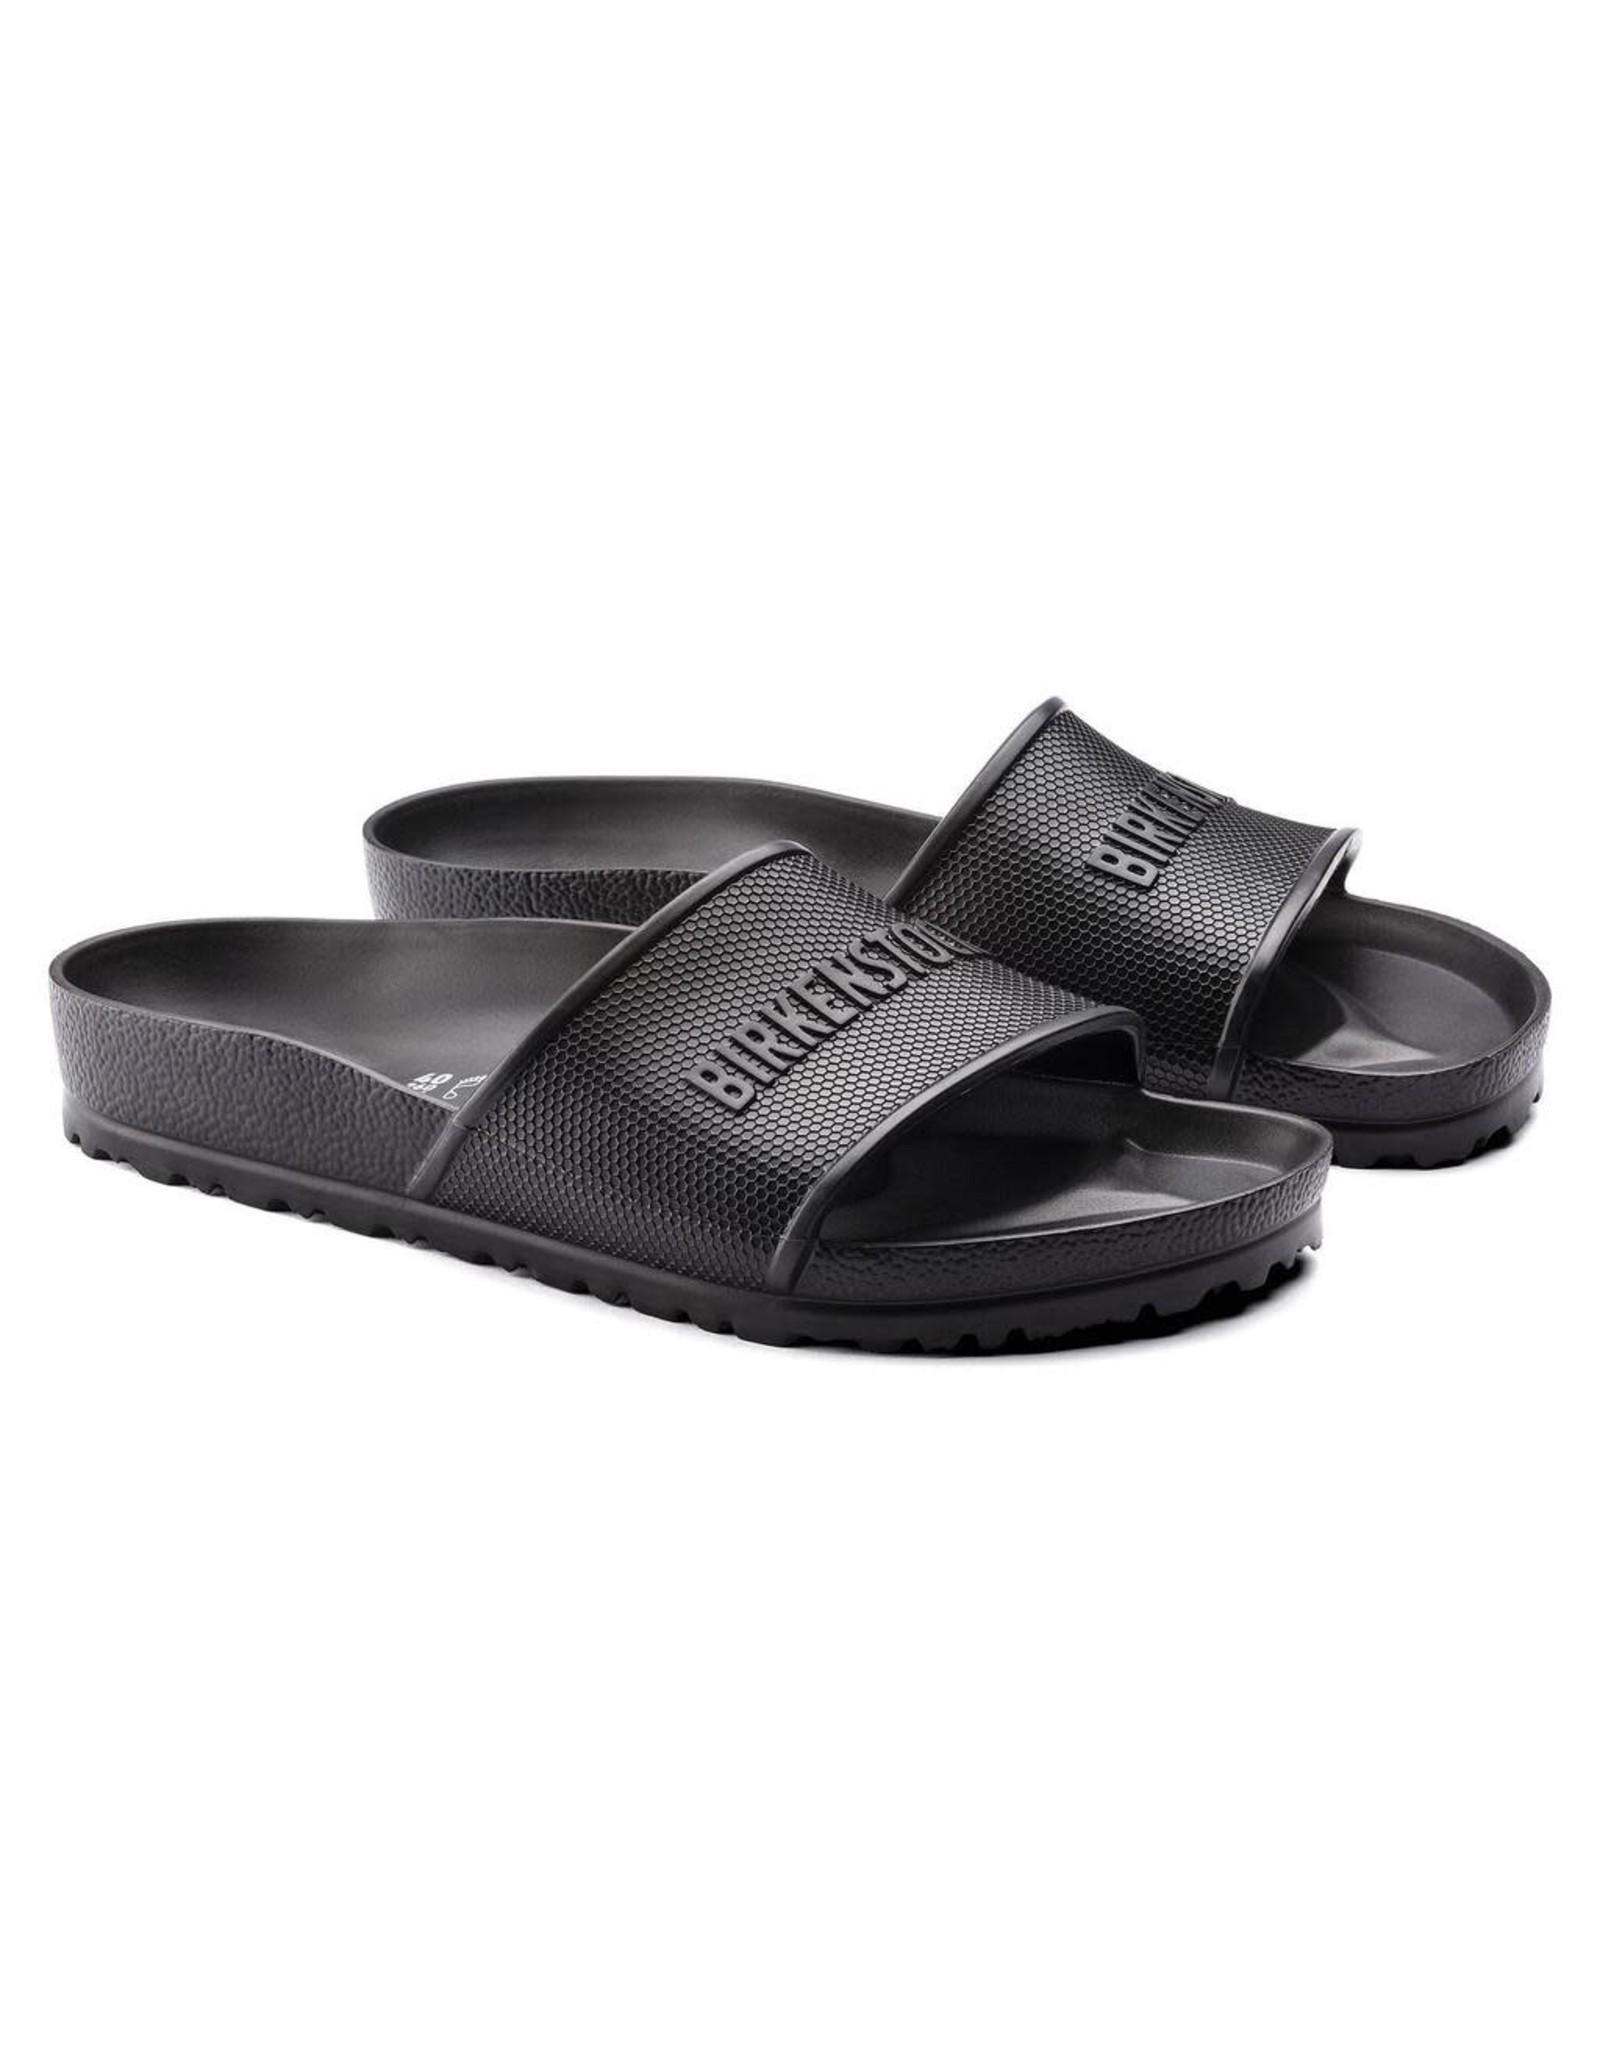 Birkenstock Barbados EVA Sandal-Black